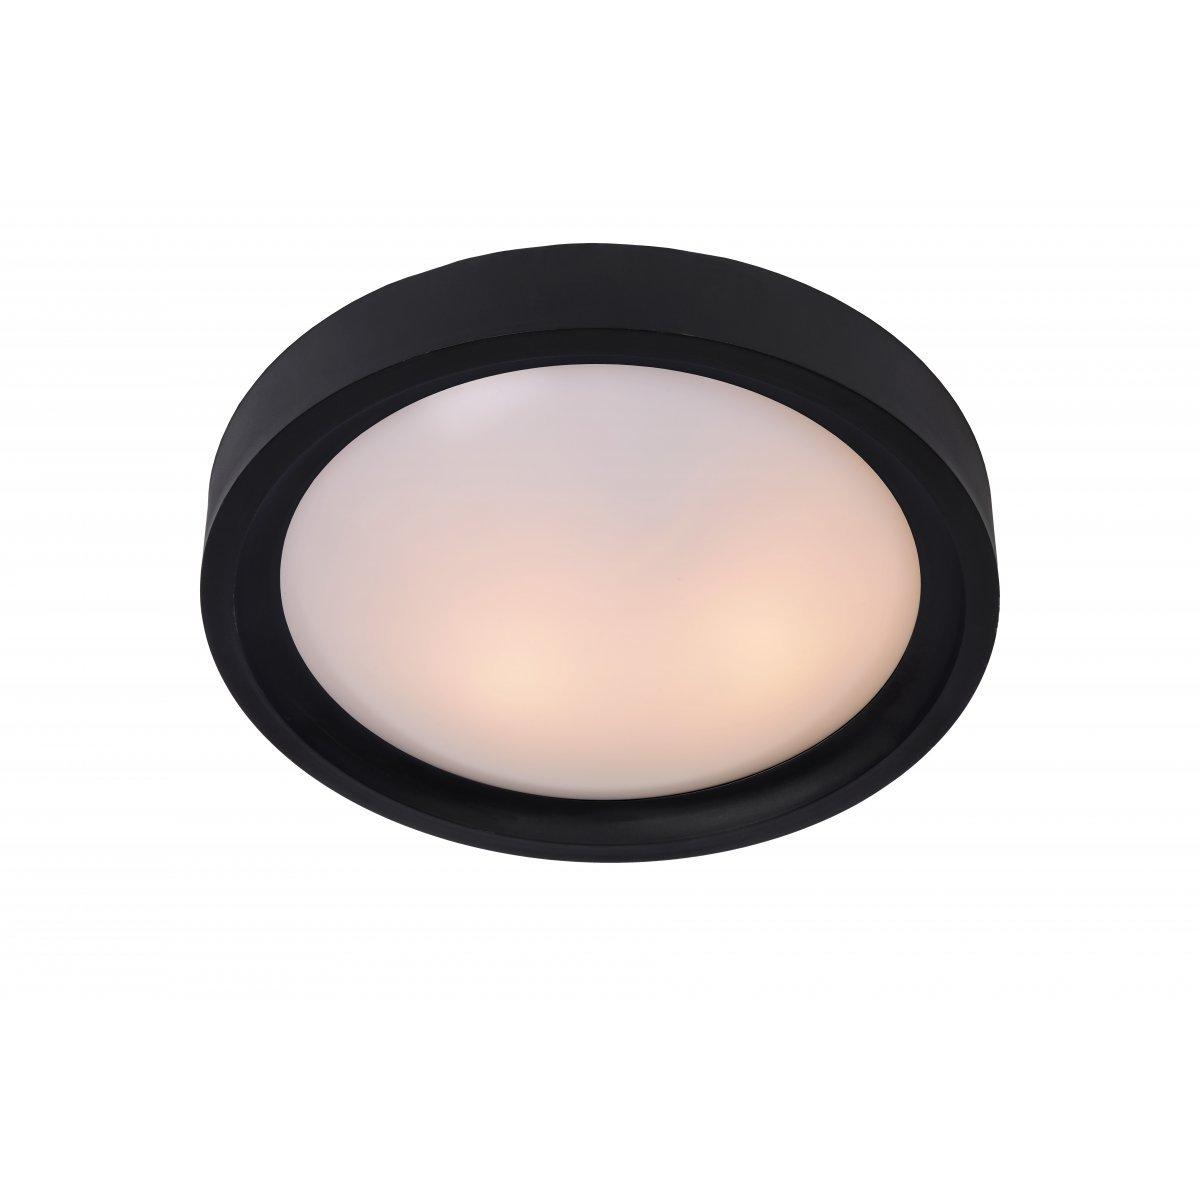 Потолочные светильники 08109/02/30 Lex Lucide